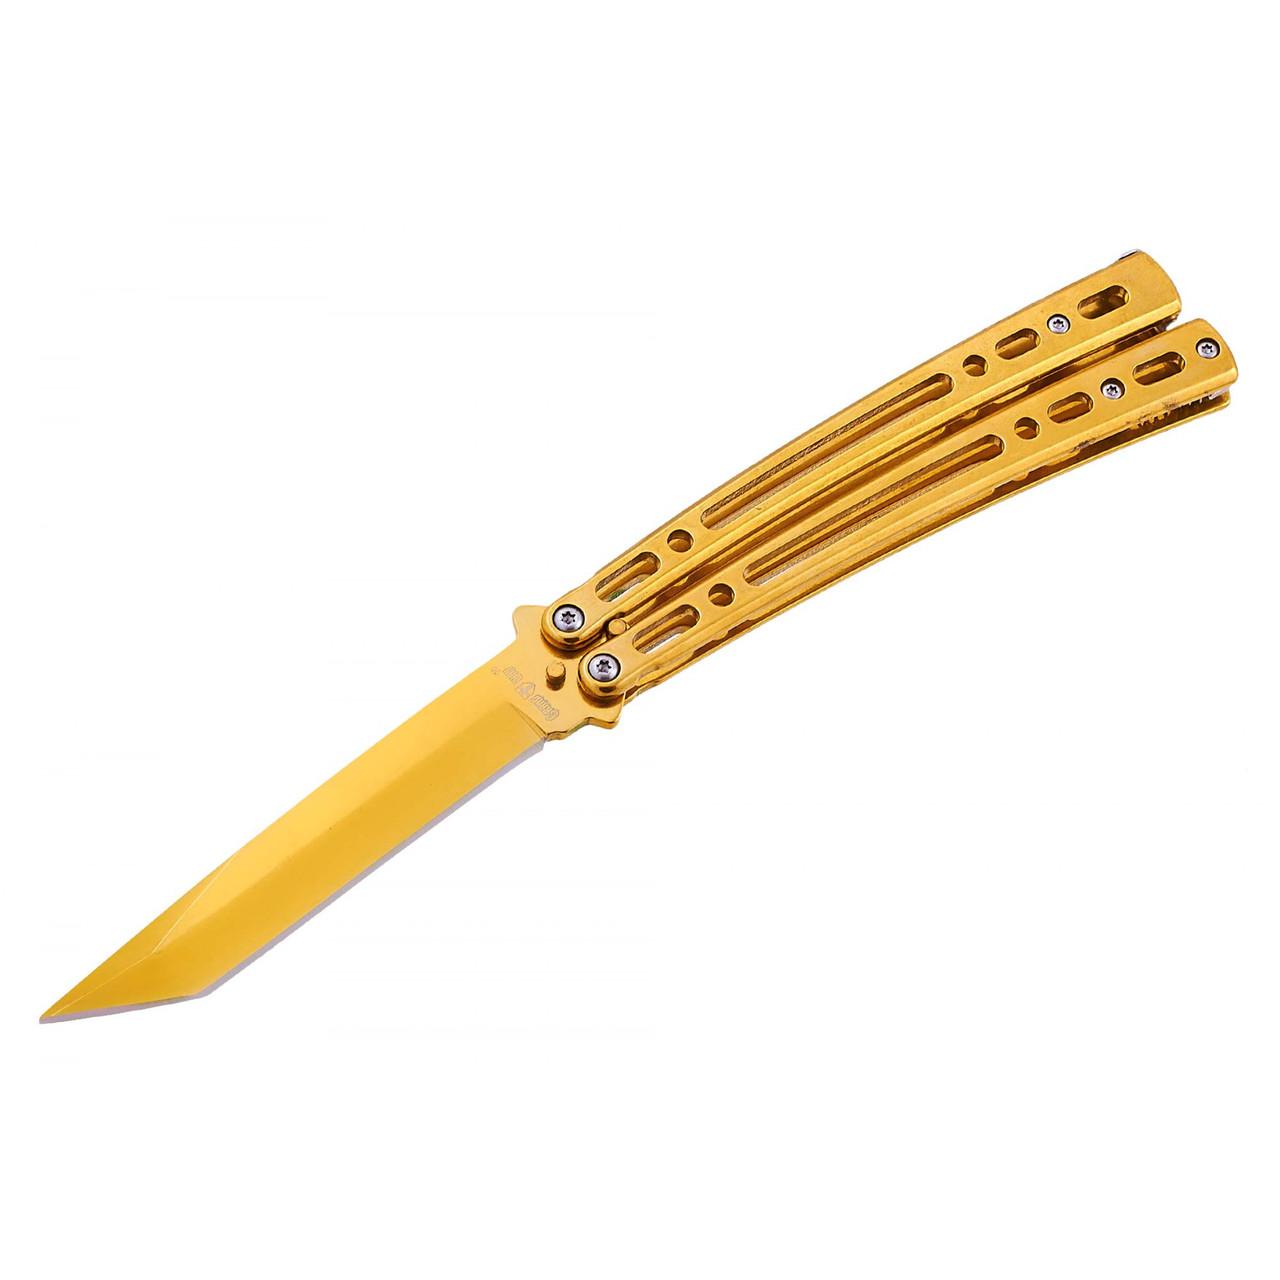 Нож бабочка балисонг Танто Gold